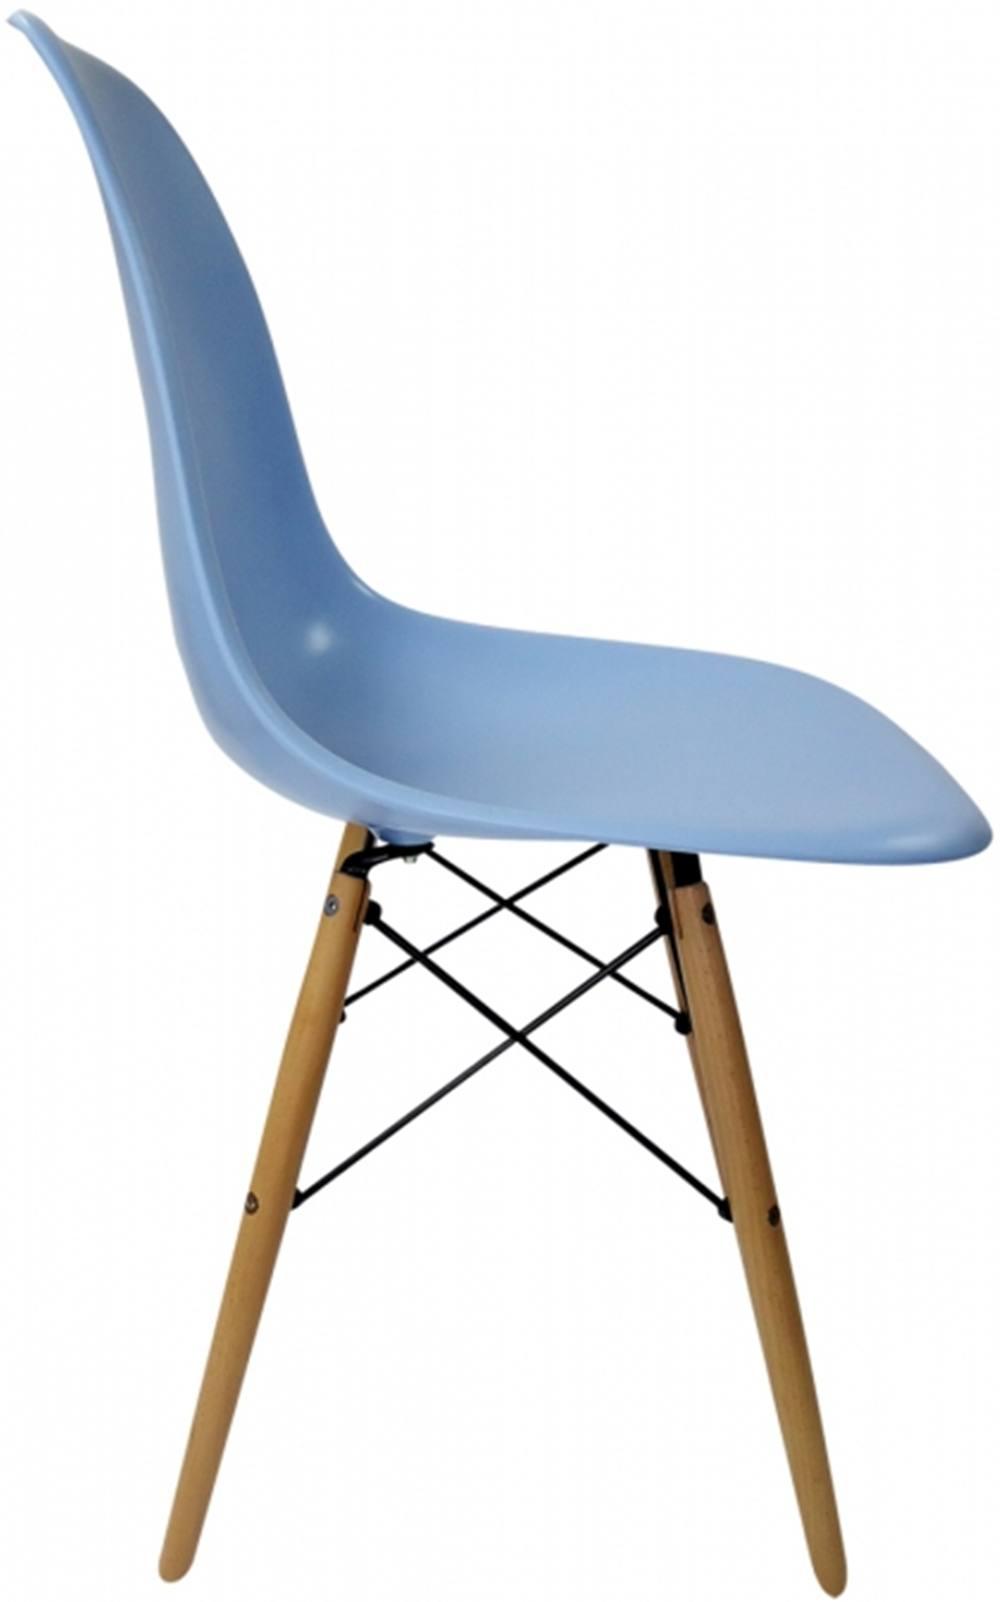 Cadeira Eames Polipropileno Azul Claro Base Madeira - 14913